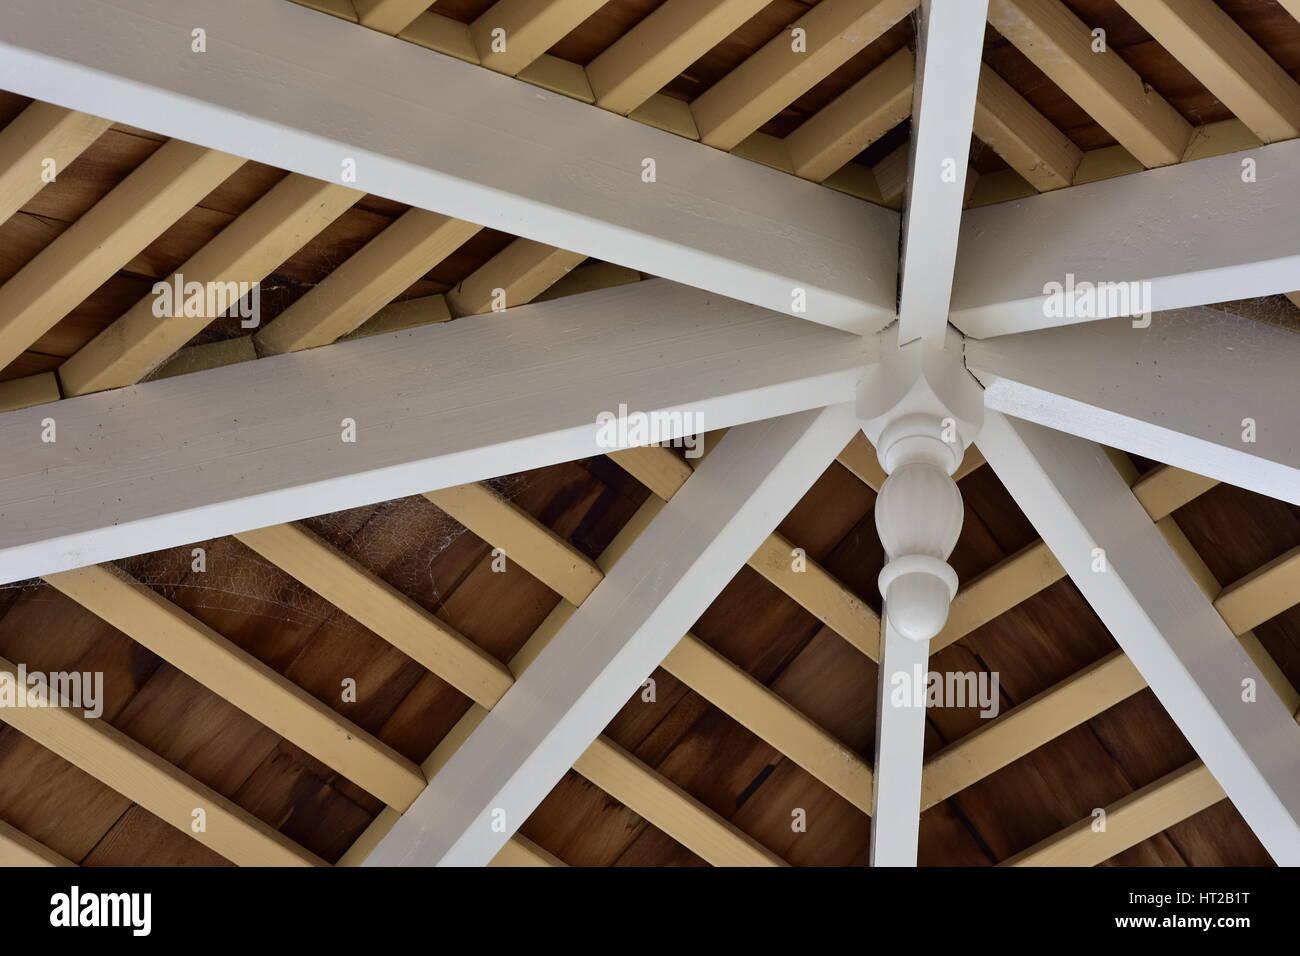 Hervorragend Holzbalkendecke Stockfotos & Holzbalkendecke Bilder - Alamy LF94